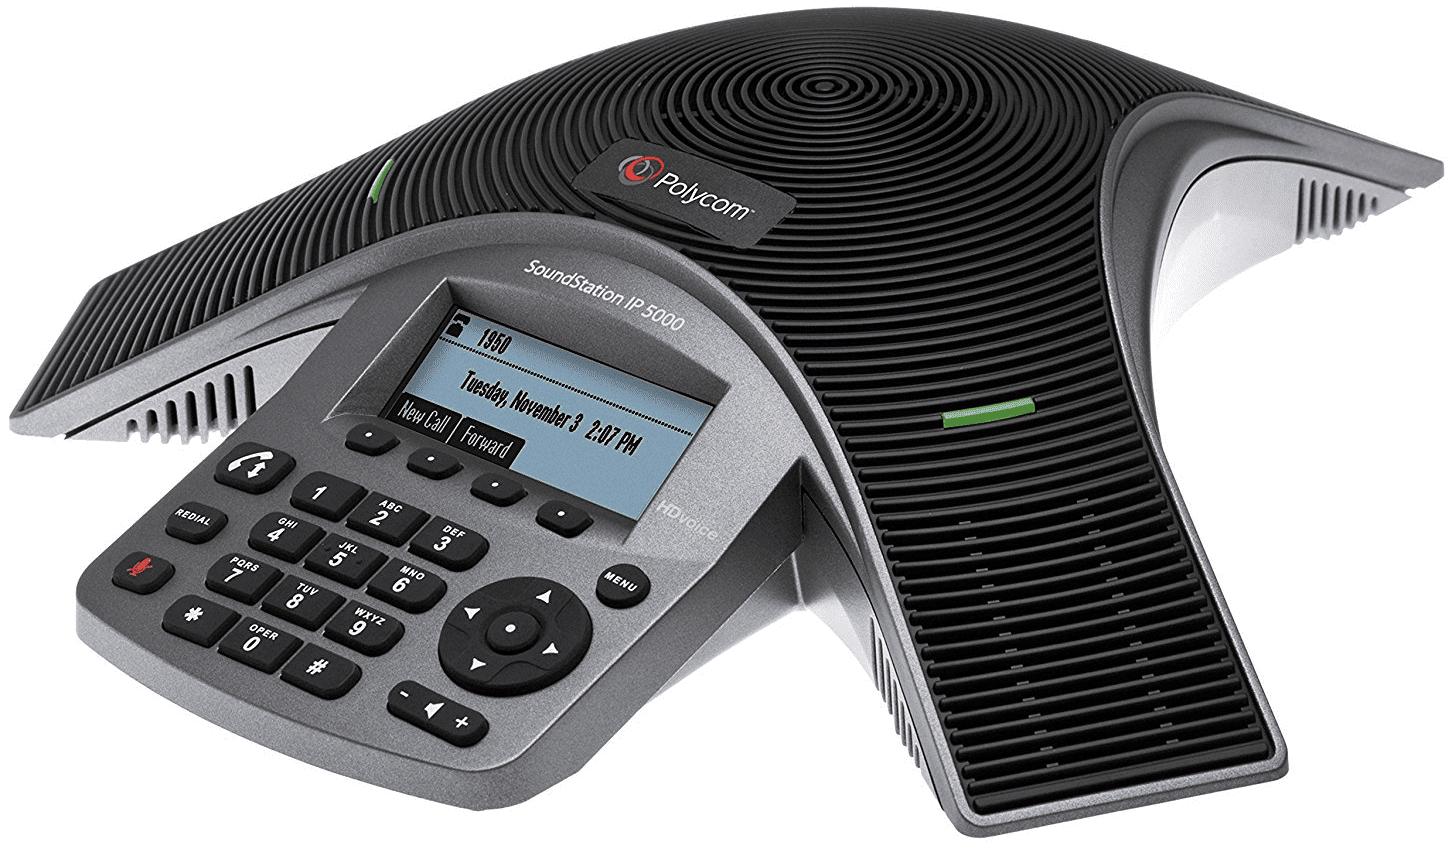 Polycom-5000